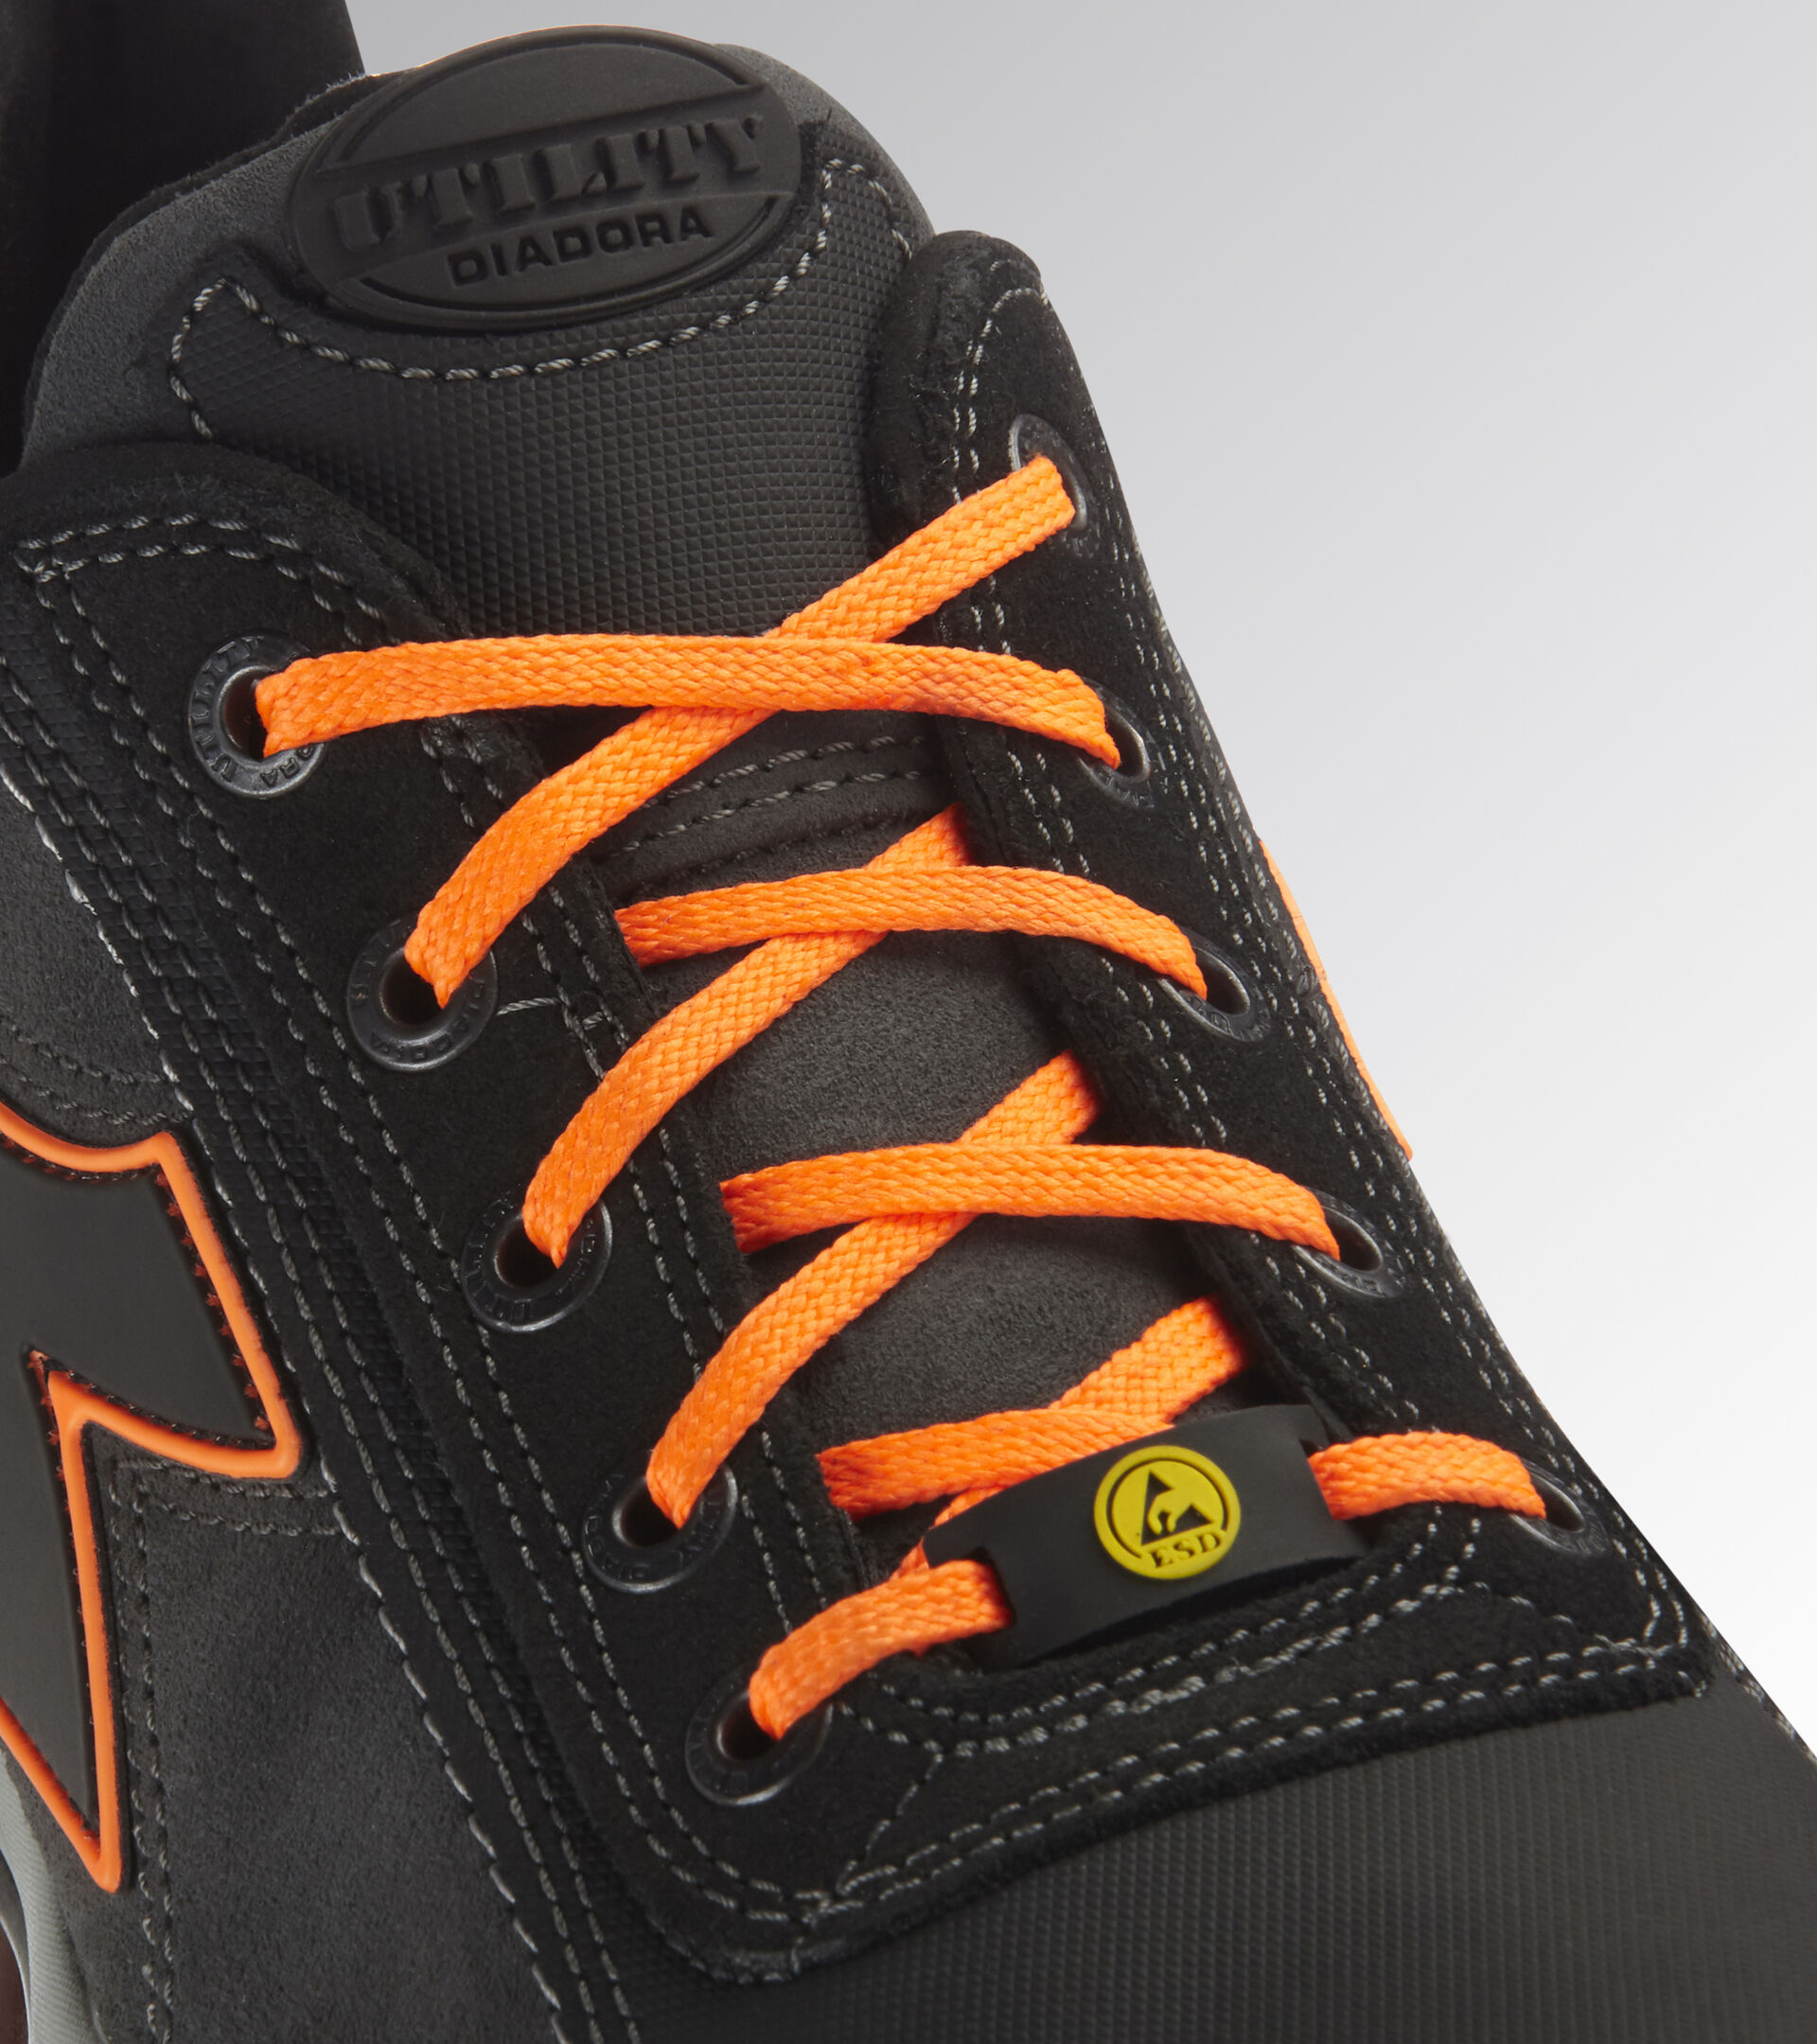 Footwear Utility UNISEX GLOVE NET LOW PRO S3 HRO SRA ESD ASPHALT/FLUORESZIEREND ORANGE Utility